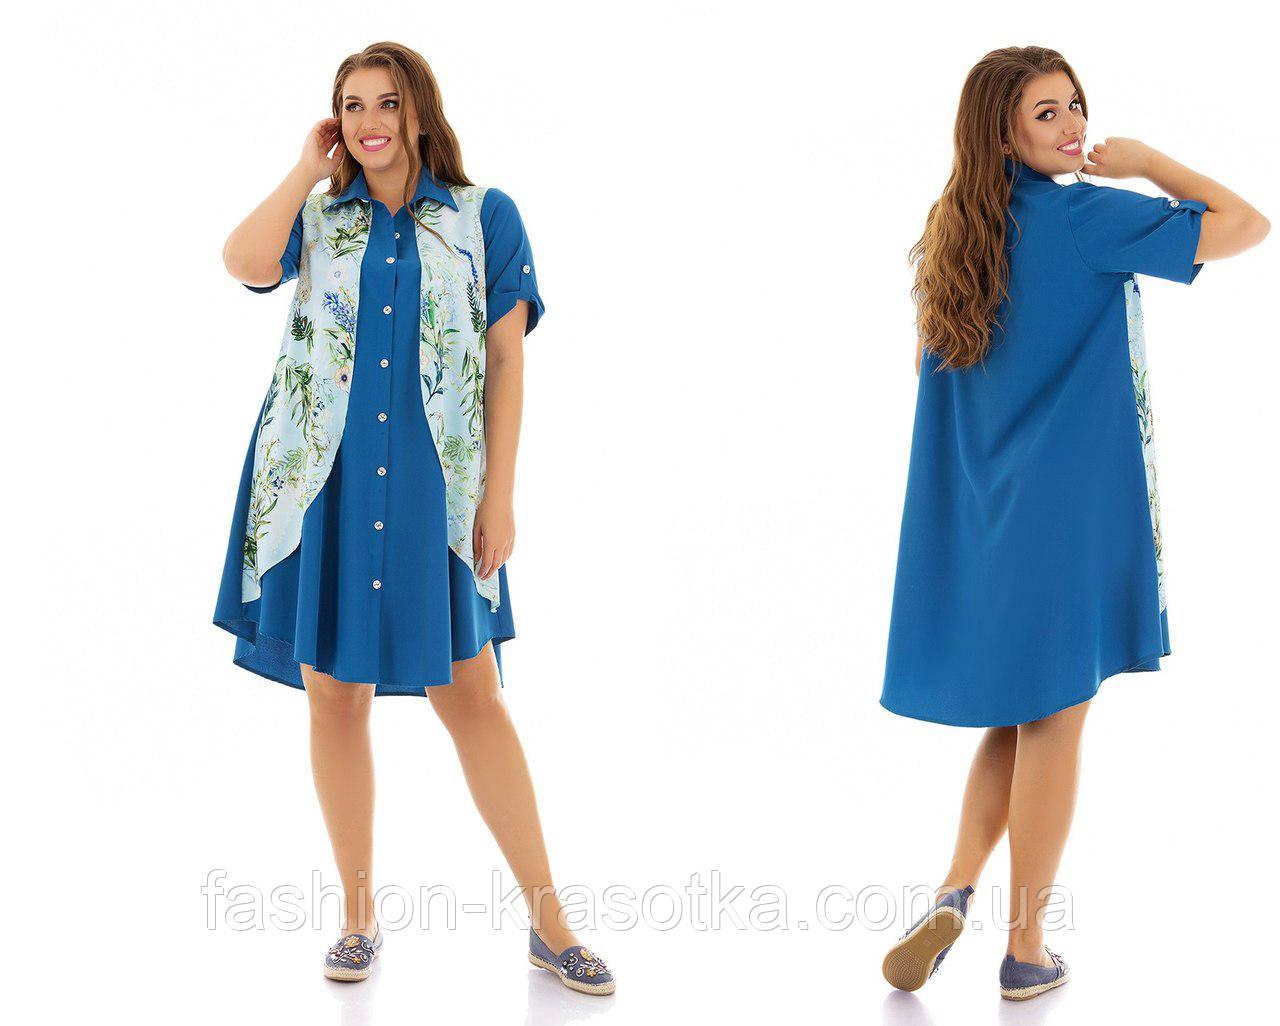 Легкое летнее платье-рубашка больших размеров